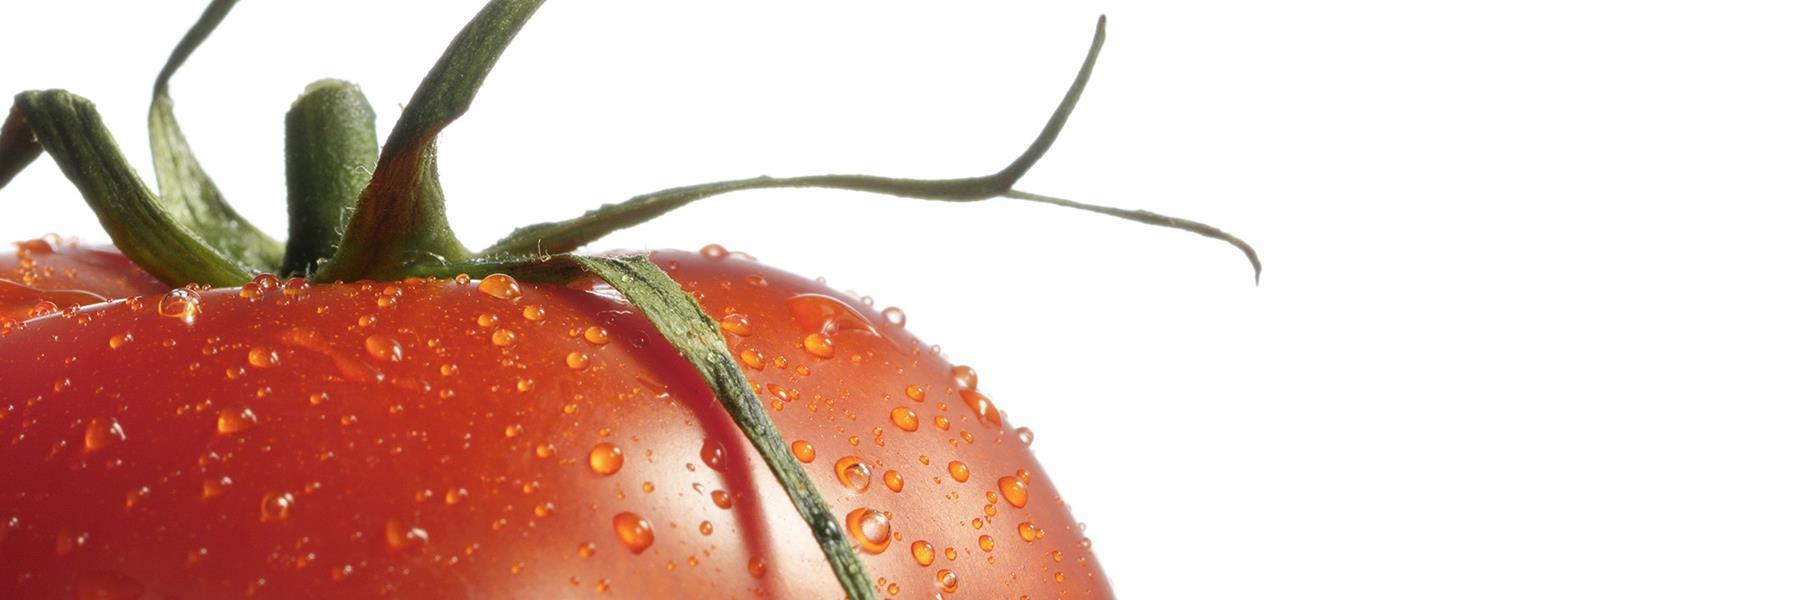 NK19543_Glasnische_TOM_Motiv__Tomato__oh